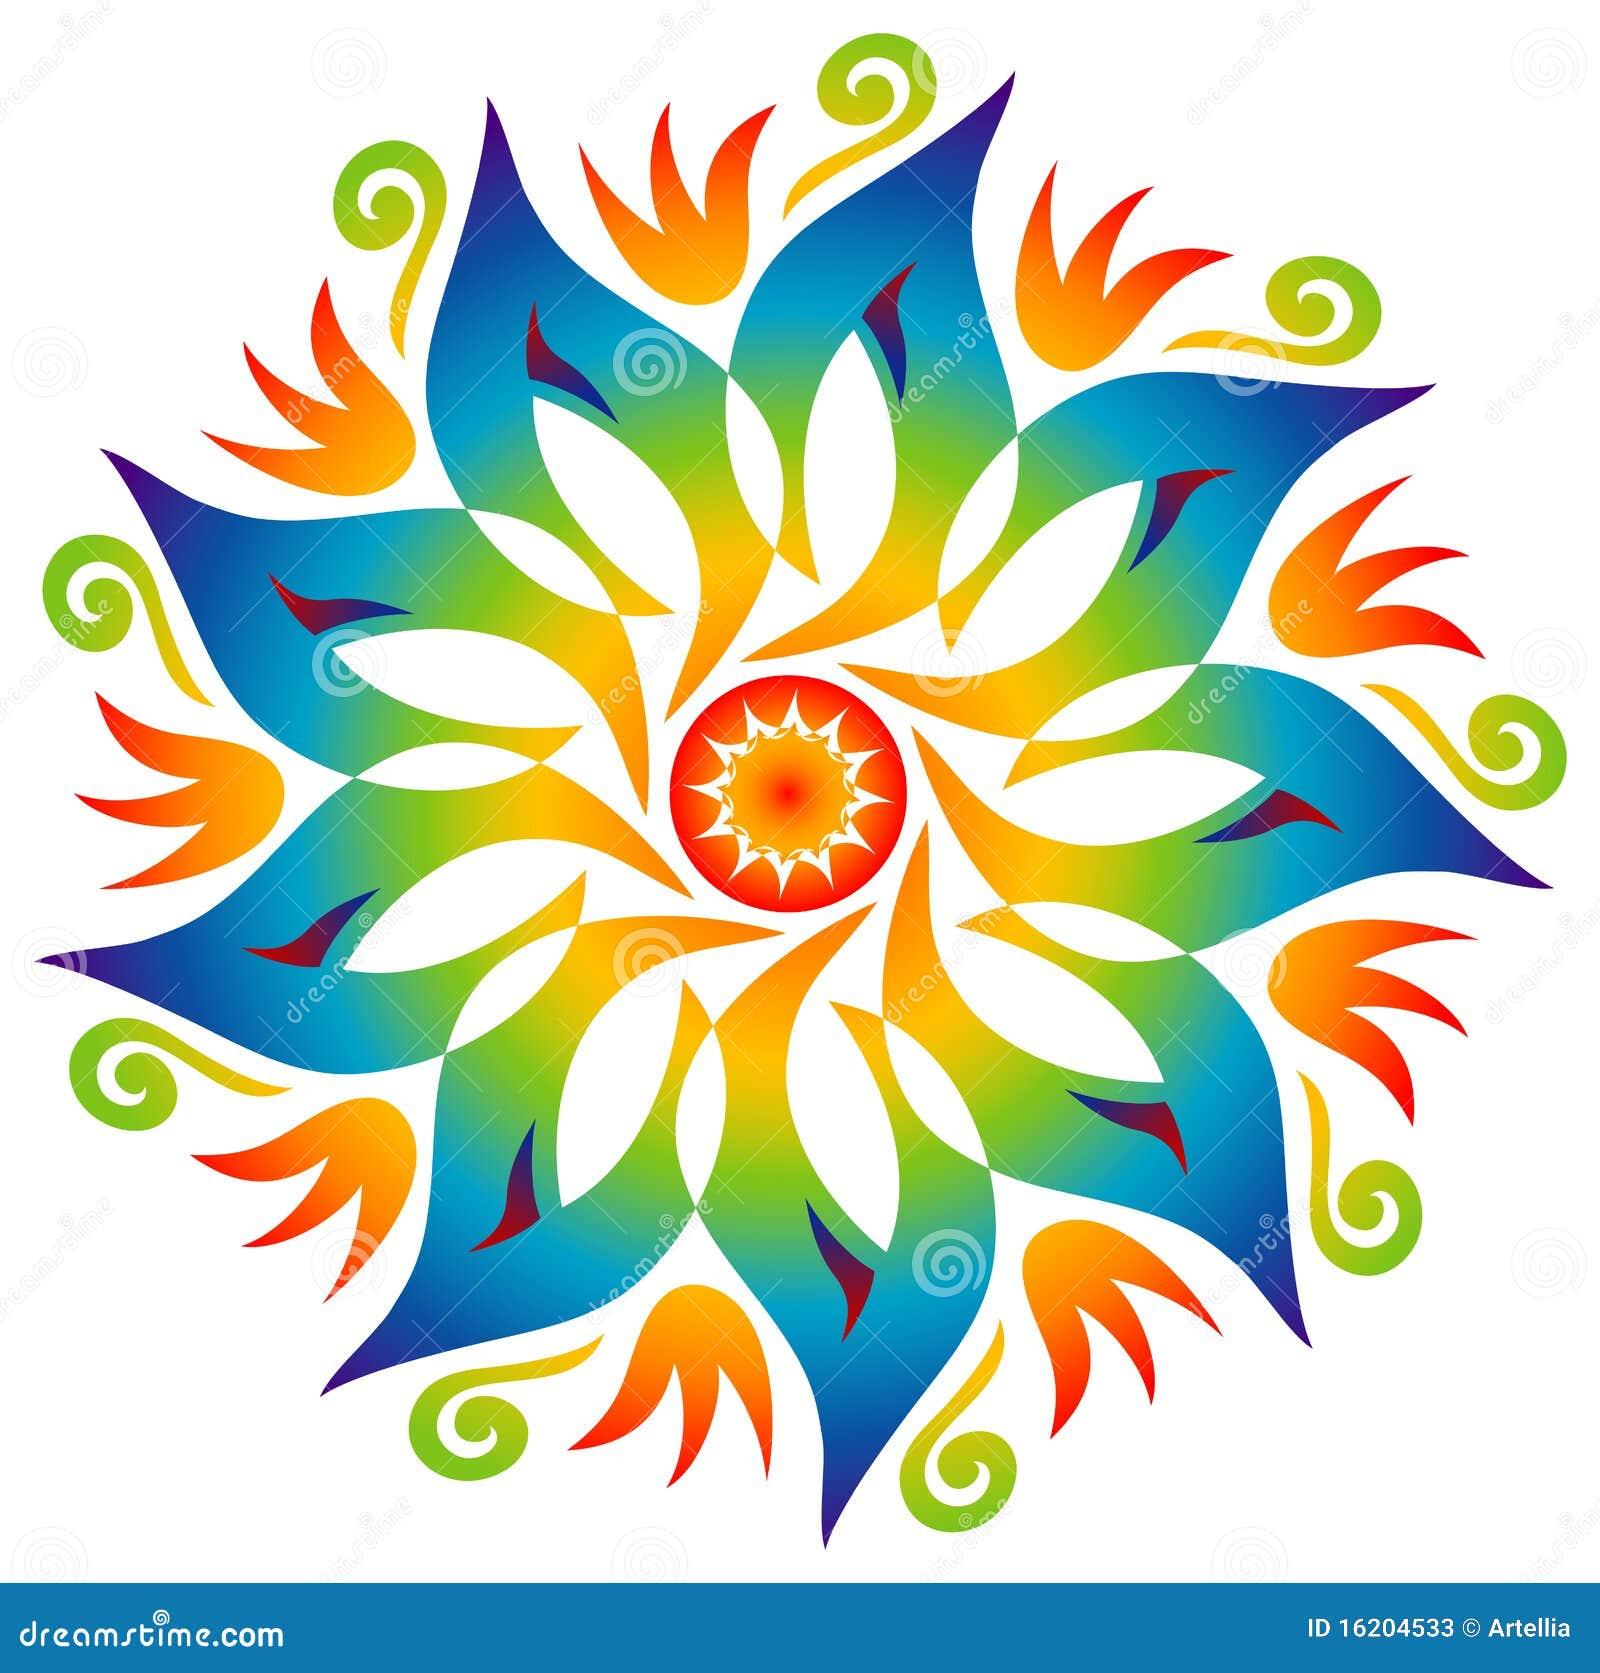 Mandala simple couleurs d 39 arc en ciel illustration de - Mandalas en colores ...